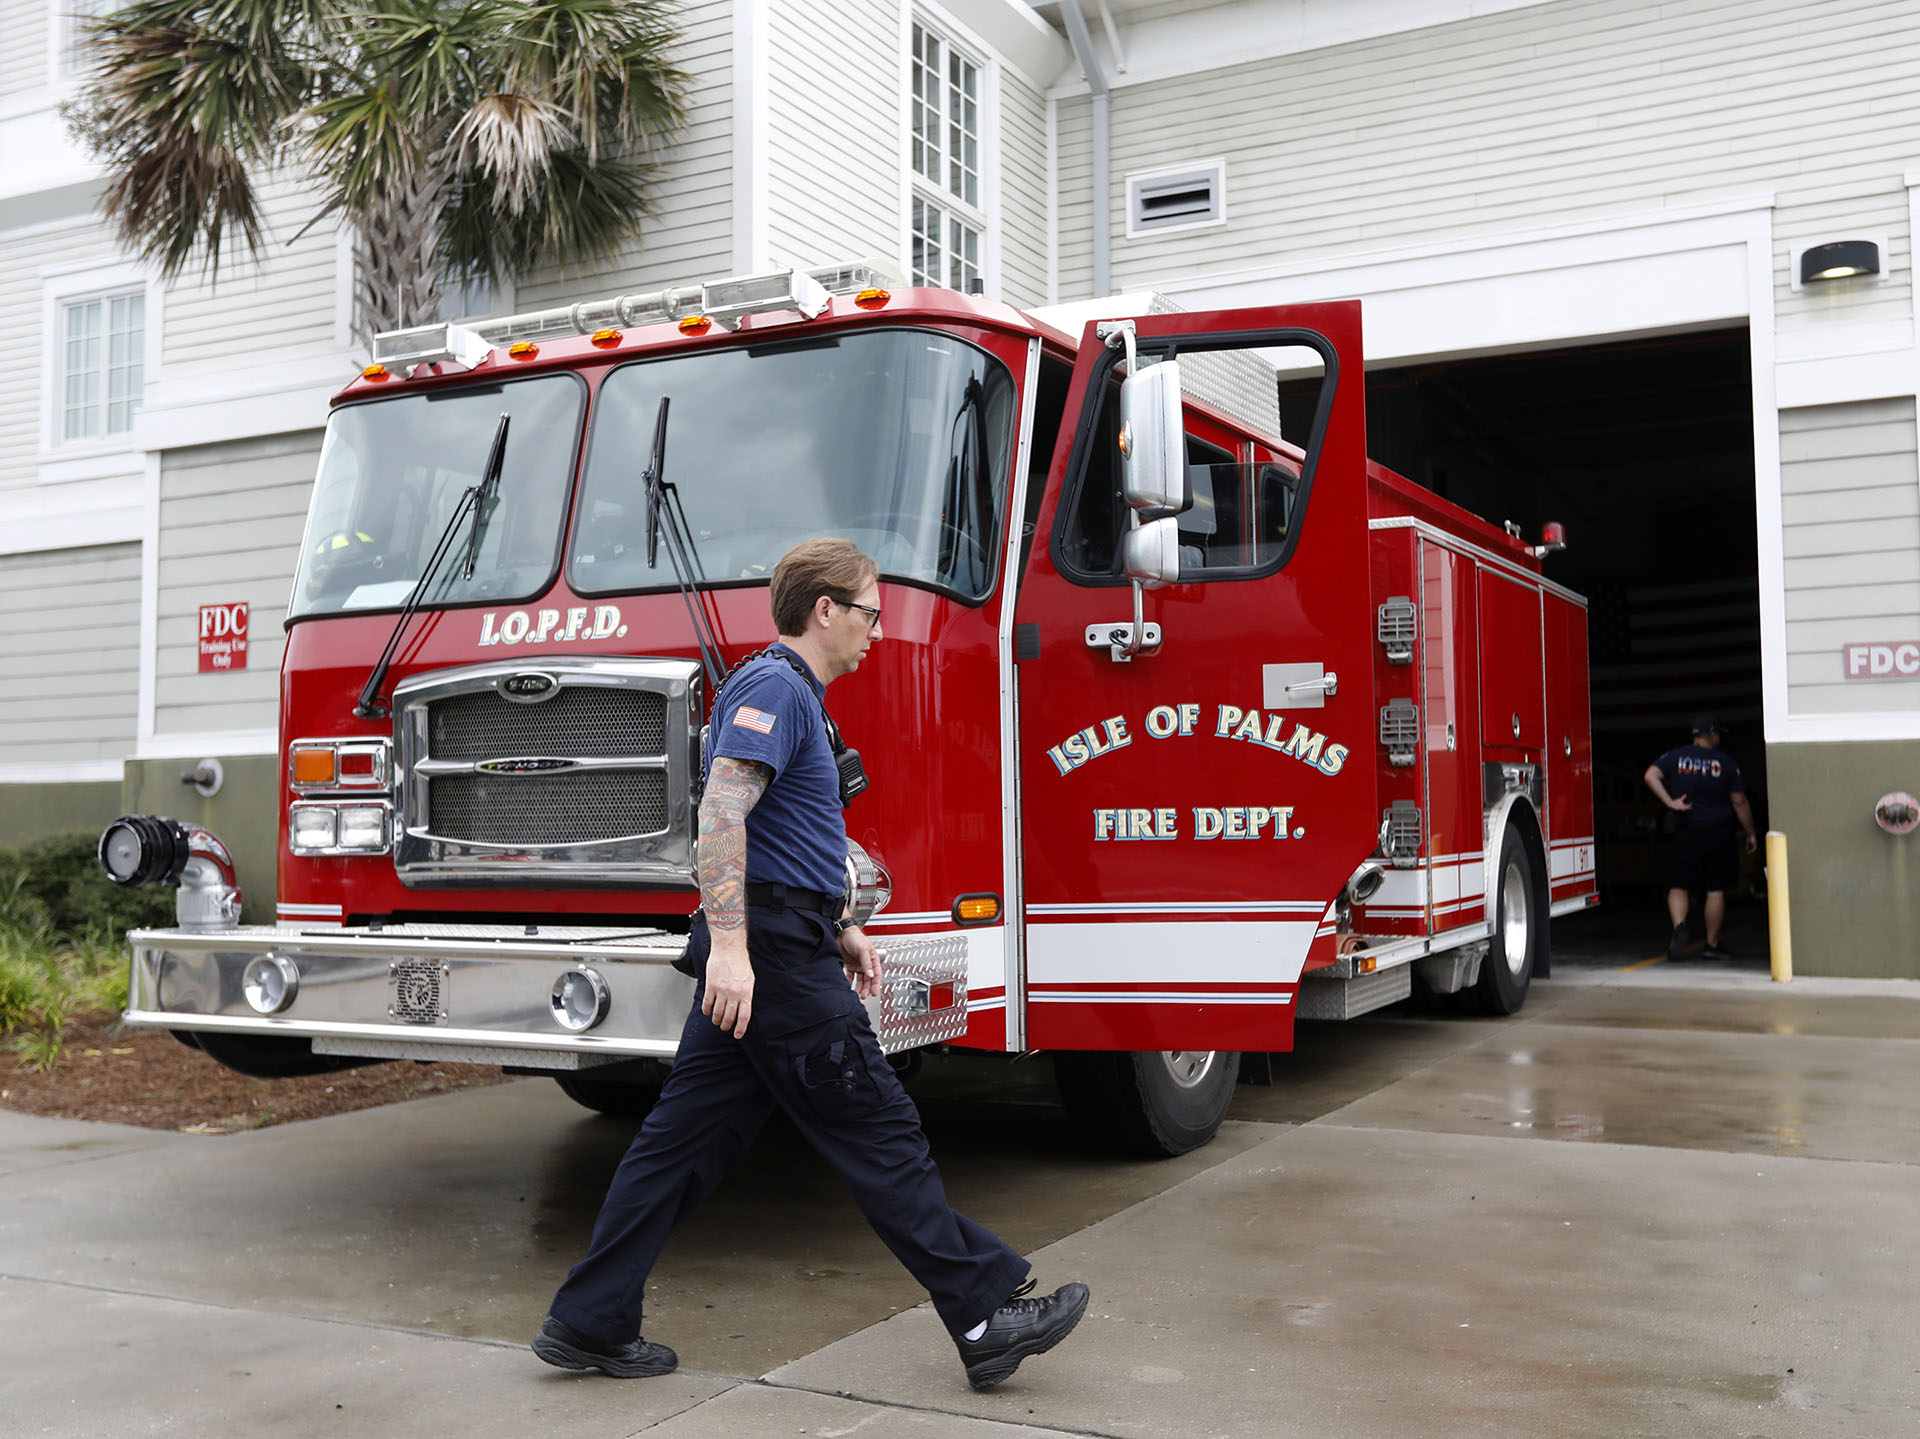 Victor Lawrence, del departamento de bomberos de la Isla de Palms, se prepara para conducir por la isla anunciando que el gobernador ordenó una evacuación obligatoria en la Isla de Palms, Carolina del Sur (AP Photo/Mic Smith)